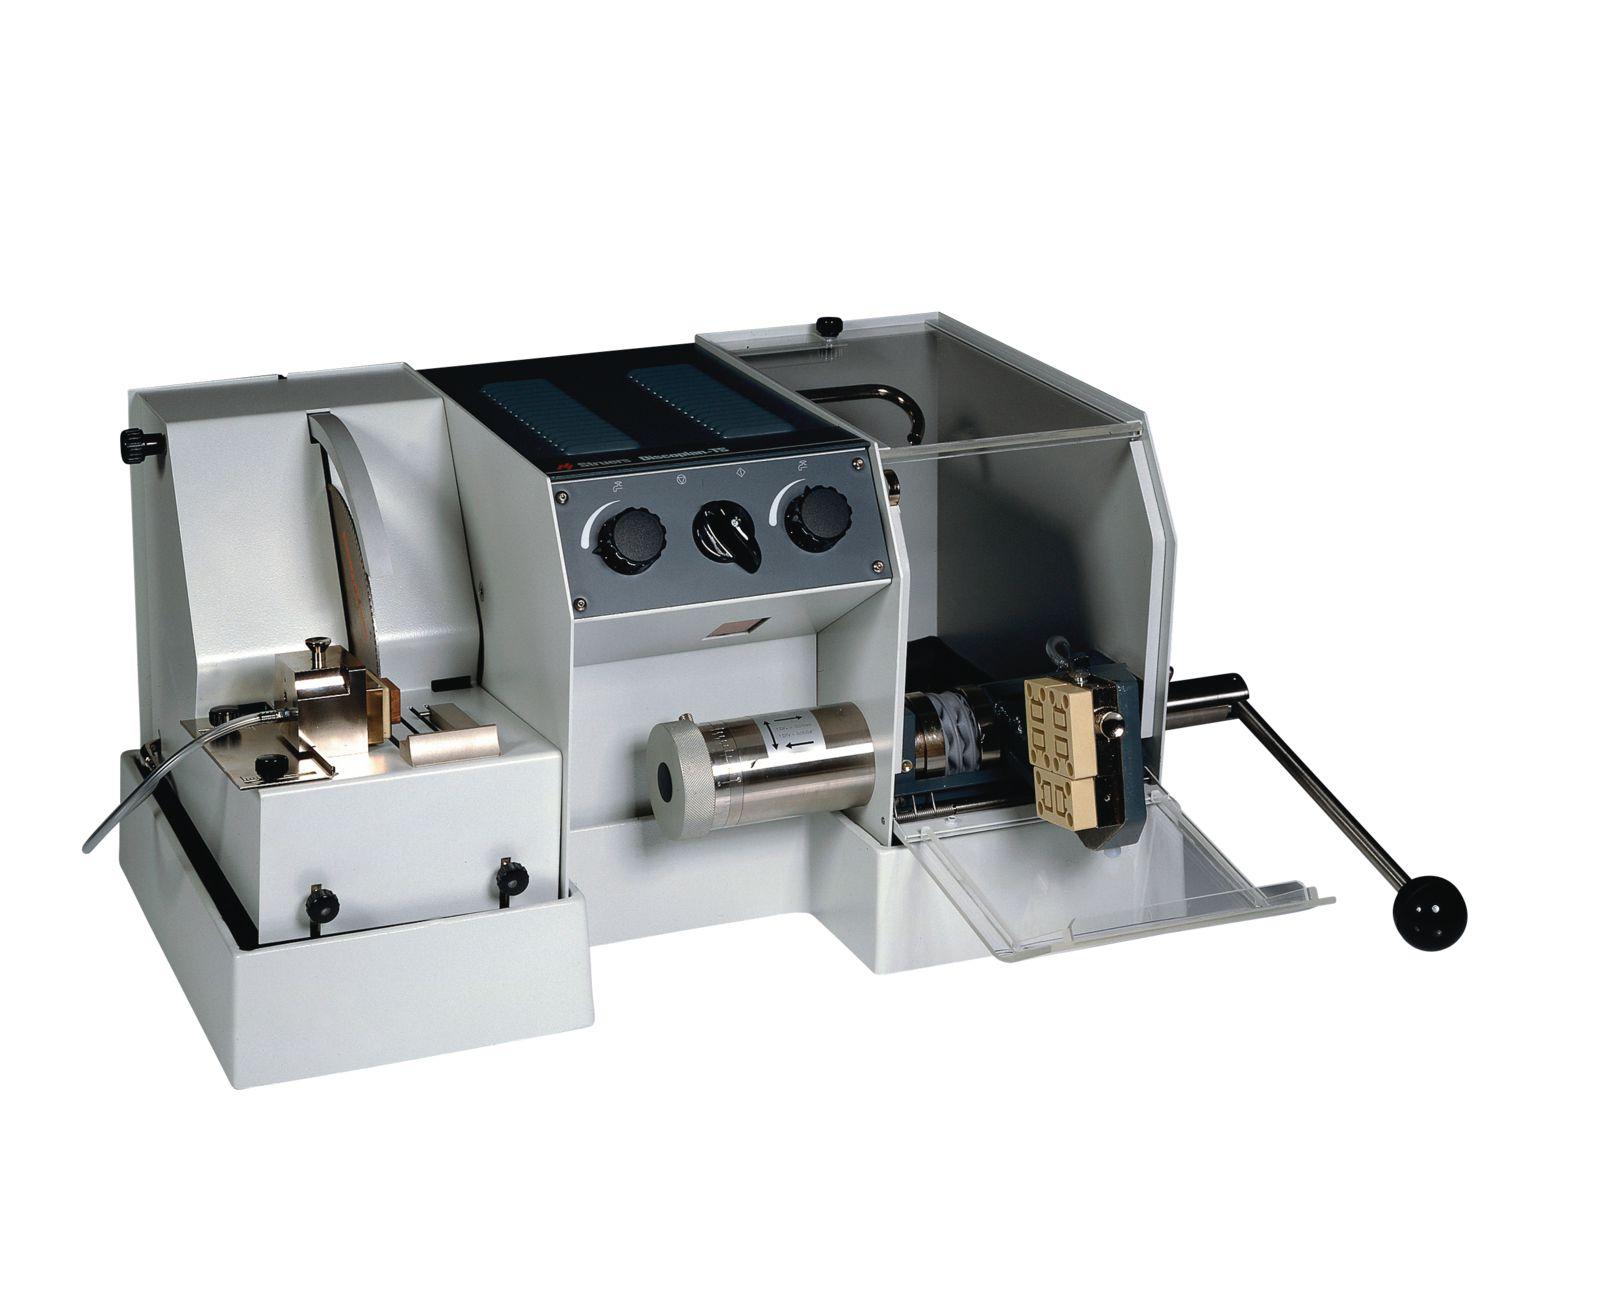 Прецизна машина за рязане и шлифоване на минералогични, петрографски и керамични тънки срезове